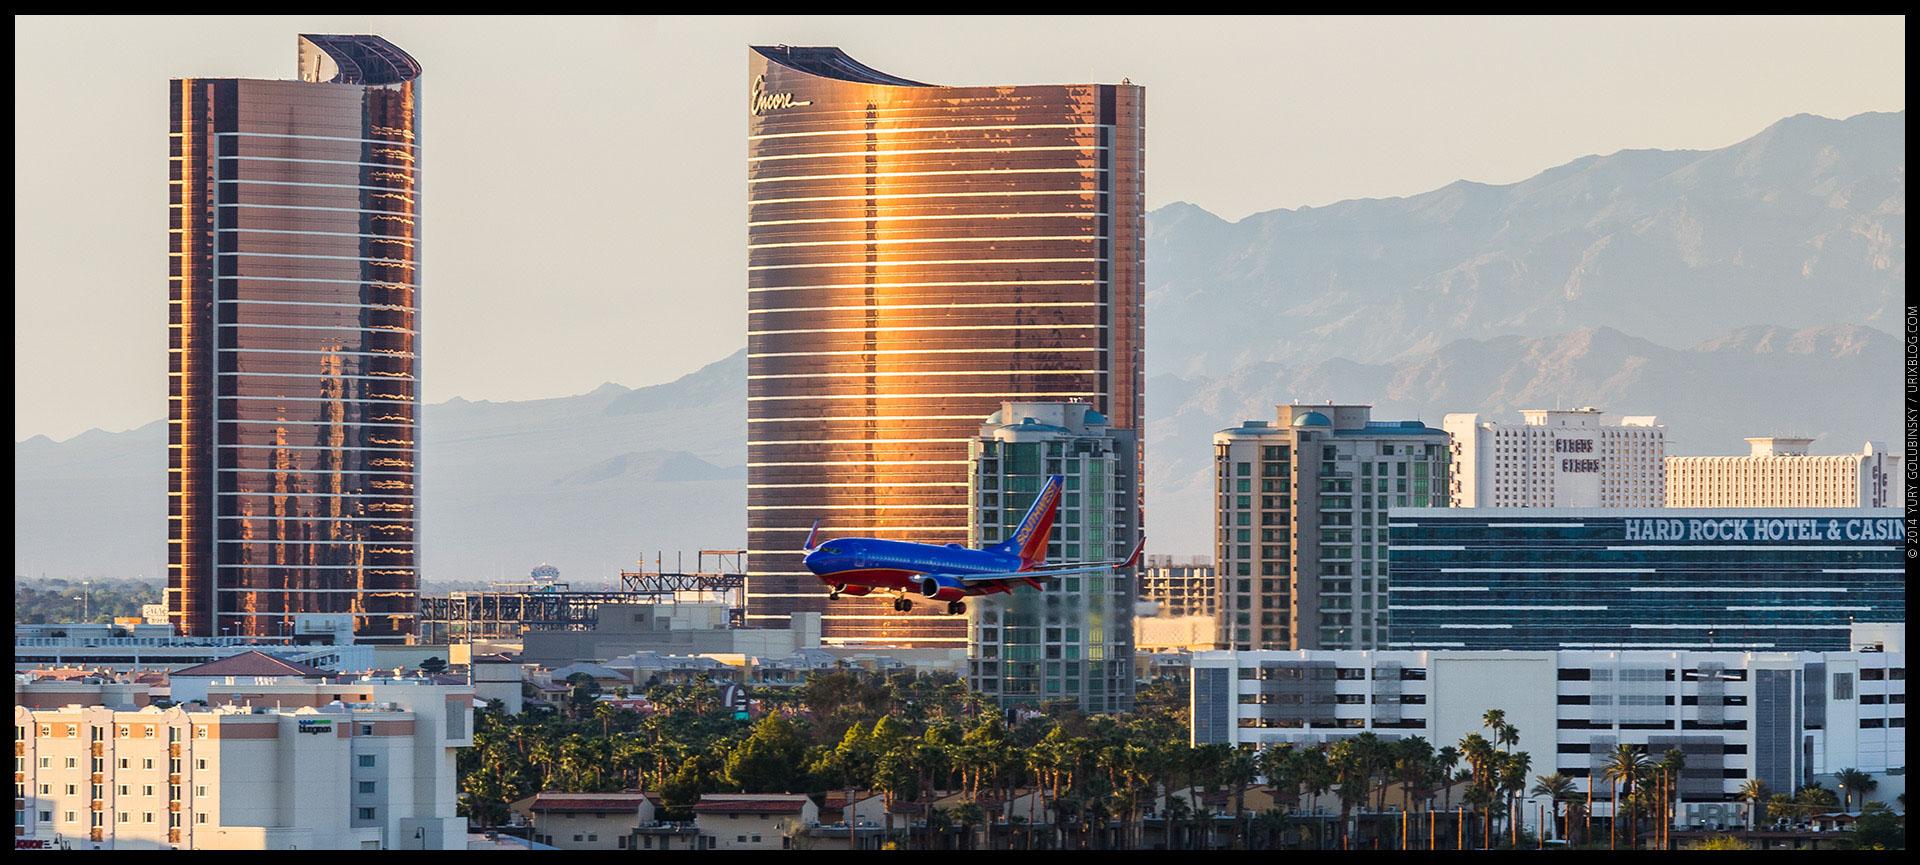 landing airplane, Encore hotel, casino, 2014, LAS, Las Vegas McCarran International airport, strip, LV, Clark County, USA, Nevada, panorama, horizon, city